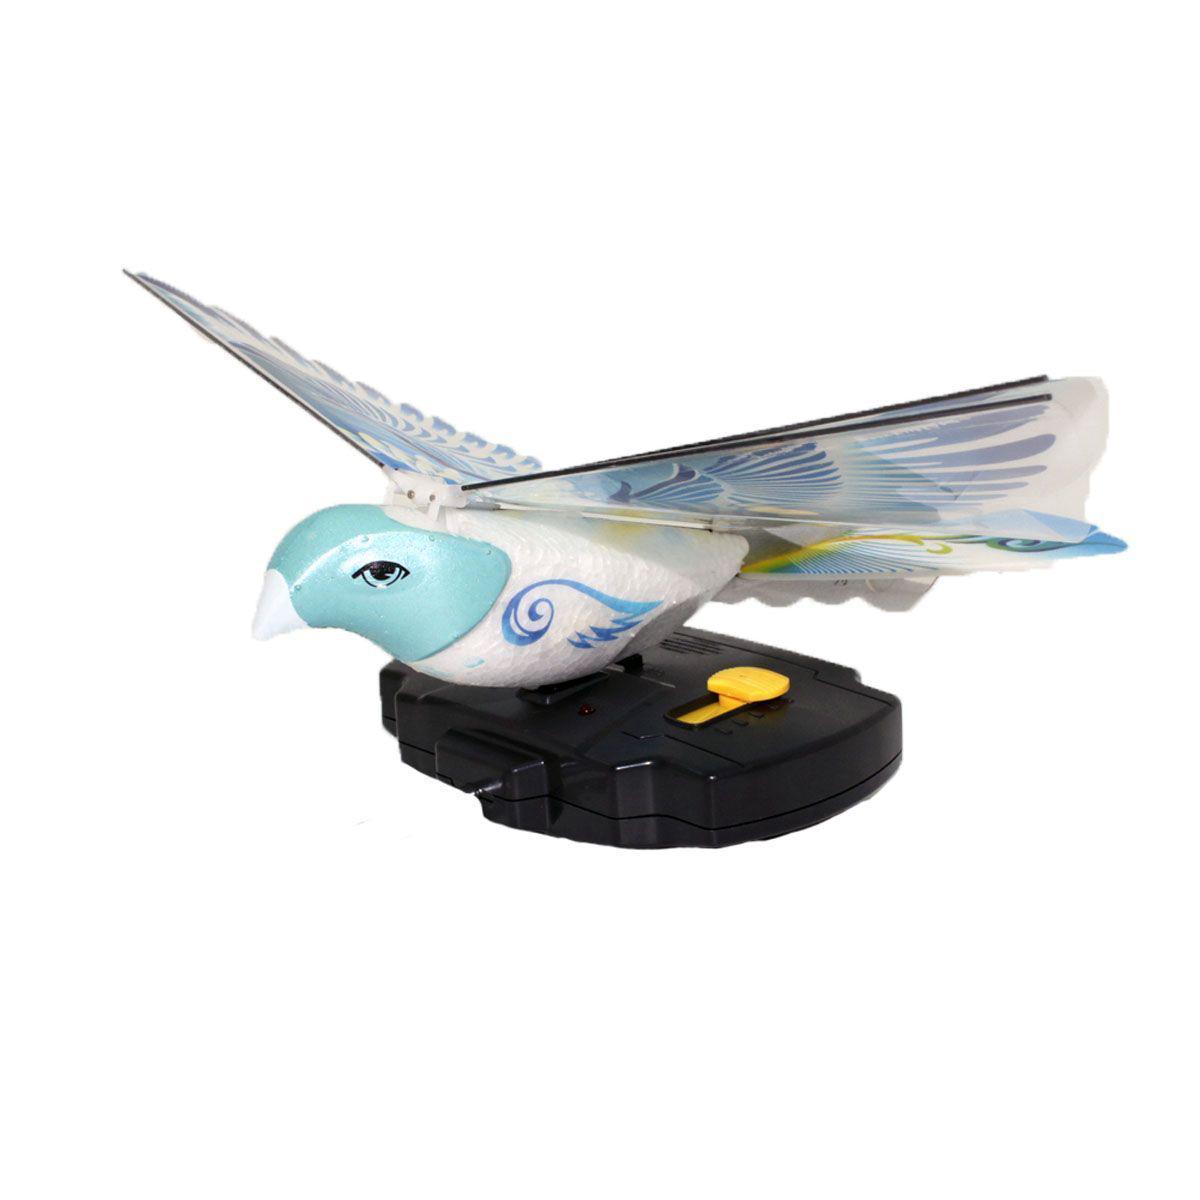 Balbi Игрушка на радиоуправлении Летающая птица цвет голубойEB-001-B